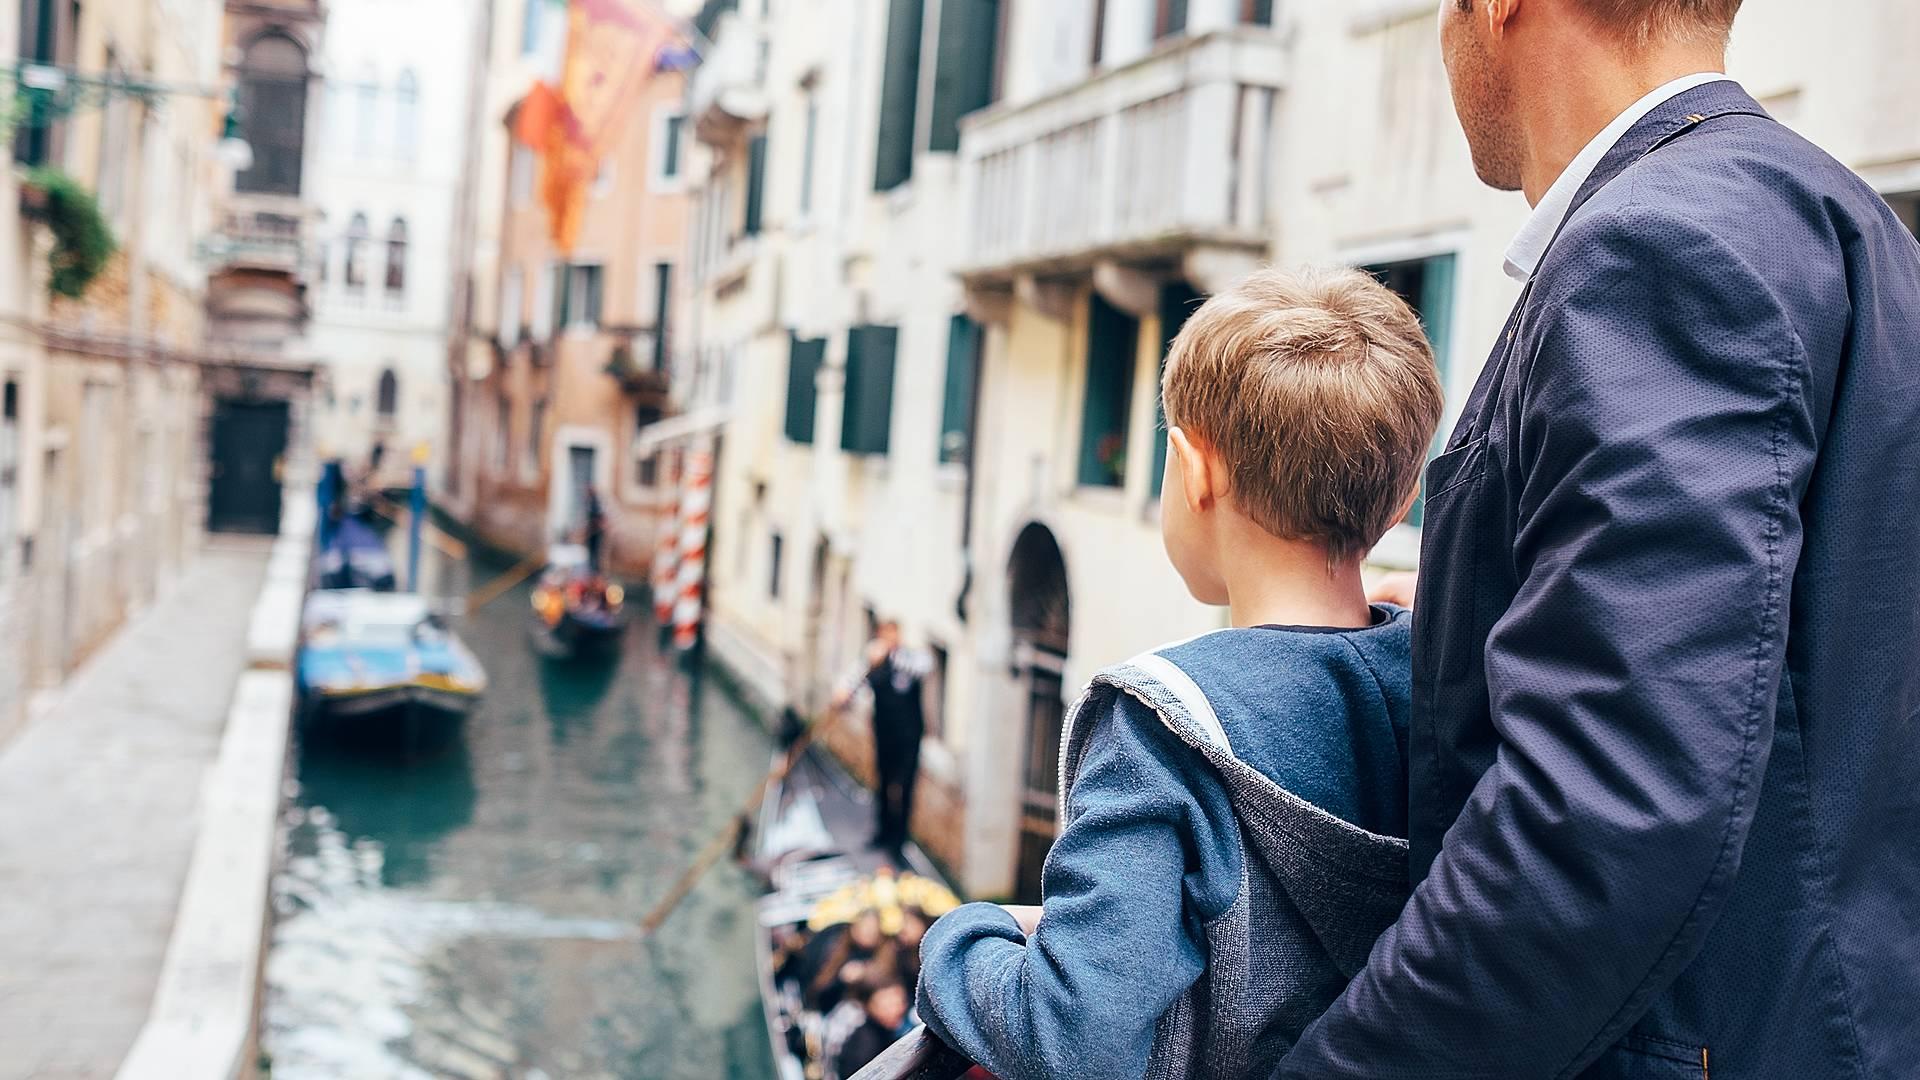 Familienabenteuer zwischen Venedig und Bologna